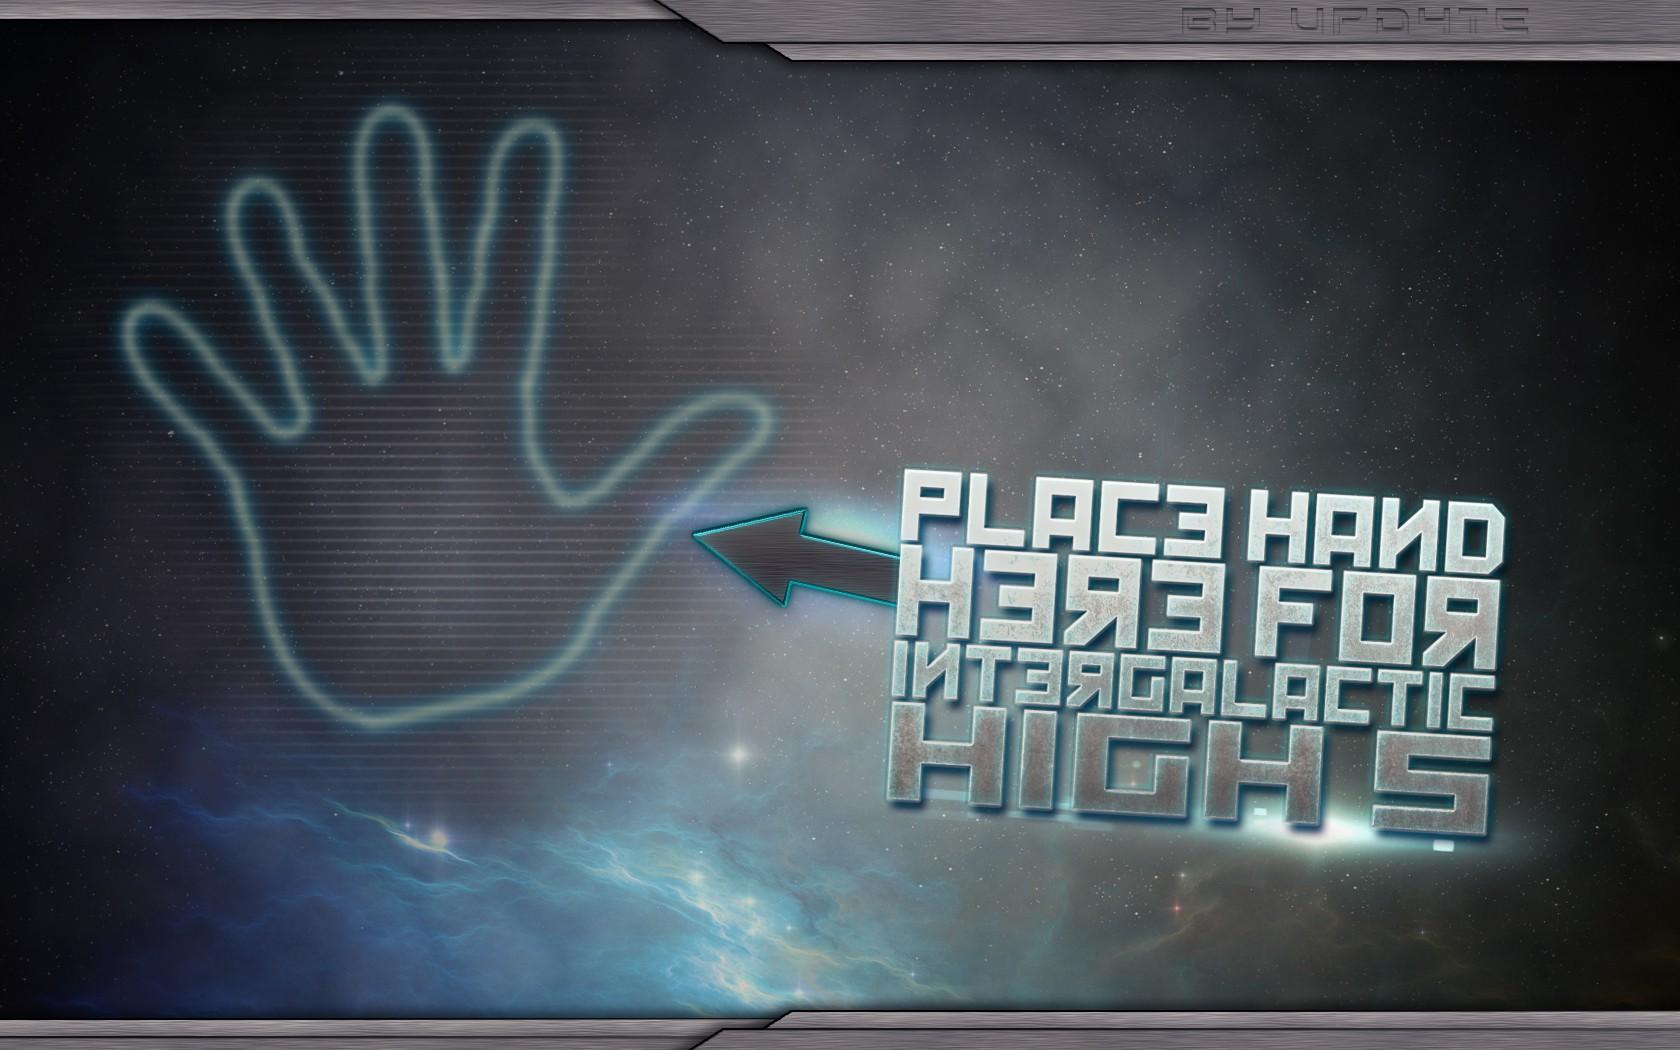 Download the Intergalactic High 5 Wallpaper Intergalactic High 5 1680x1050